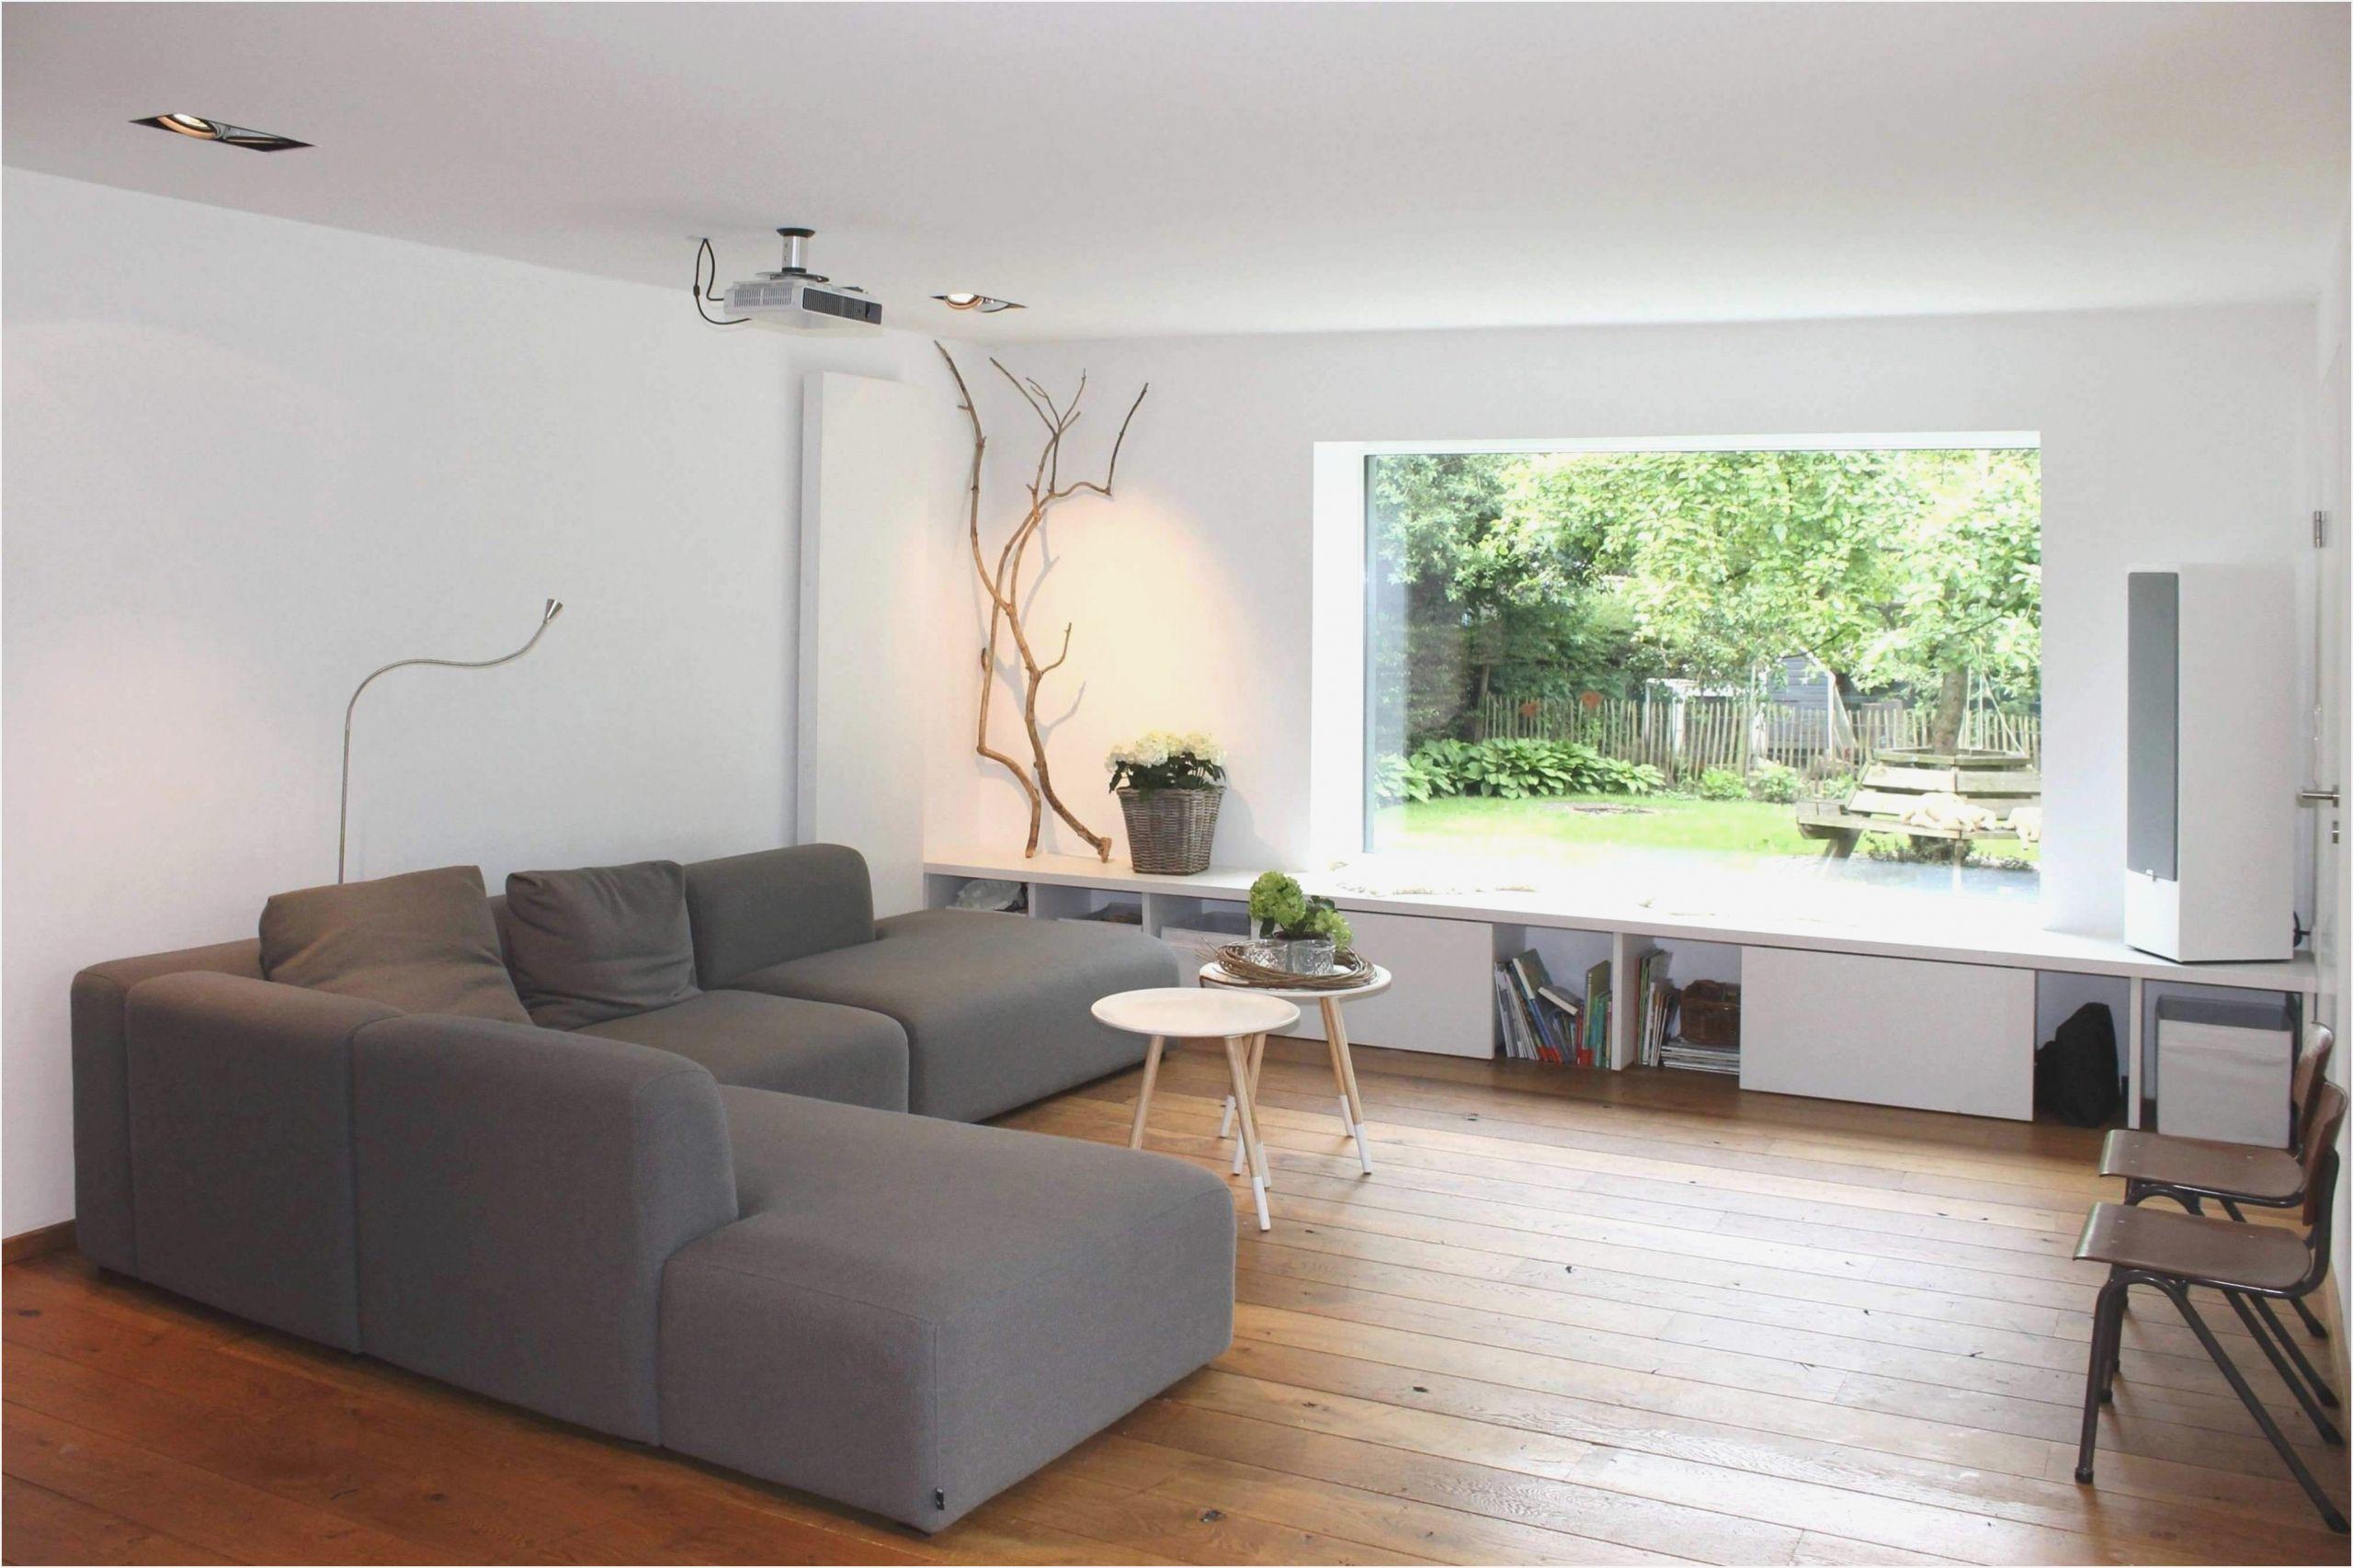 Full Size of 3d Tapeten Ideen Wohnzimmer Grau Traumhaus Für Küche Schlafzimmer Fototapeten Die Wohnzimmer 3d Tapeten